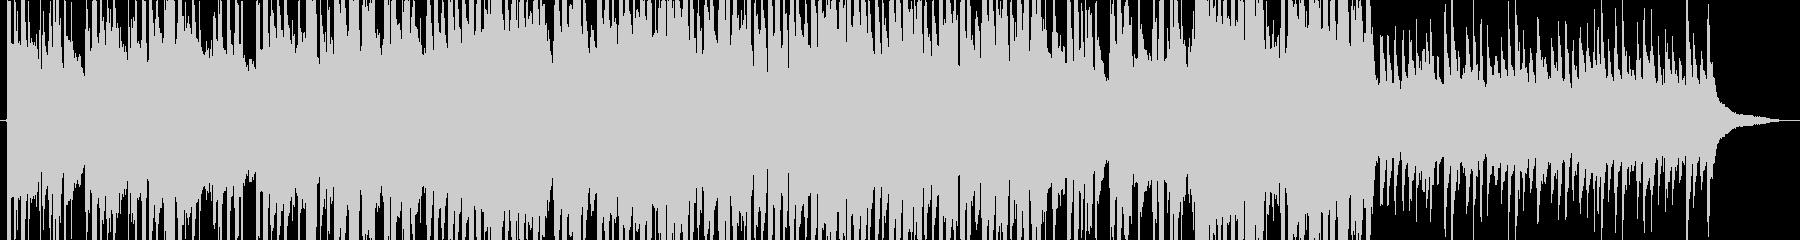 3拍子ワルツの穏やかエレクトロニカ_bの未再生の波形